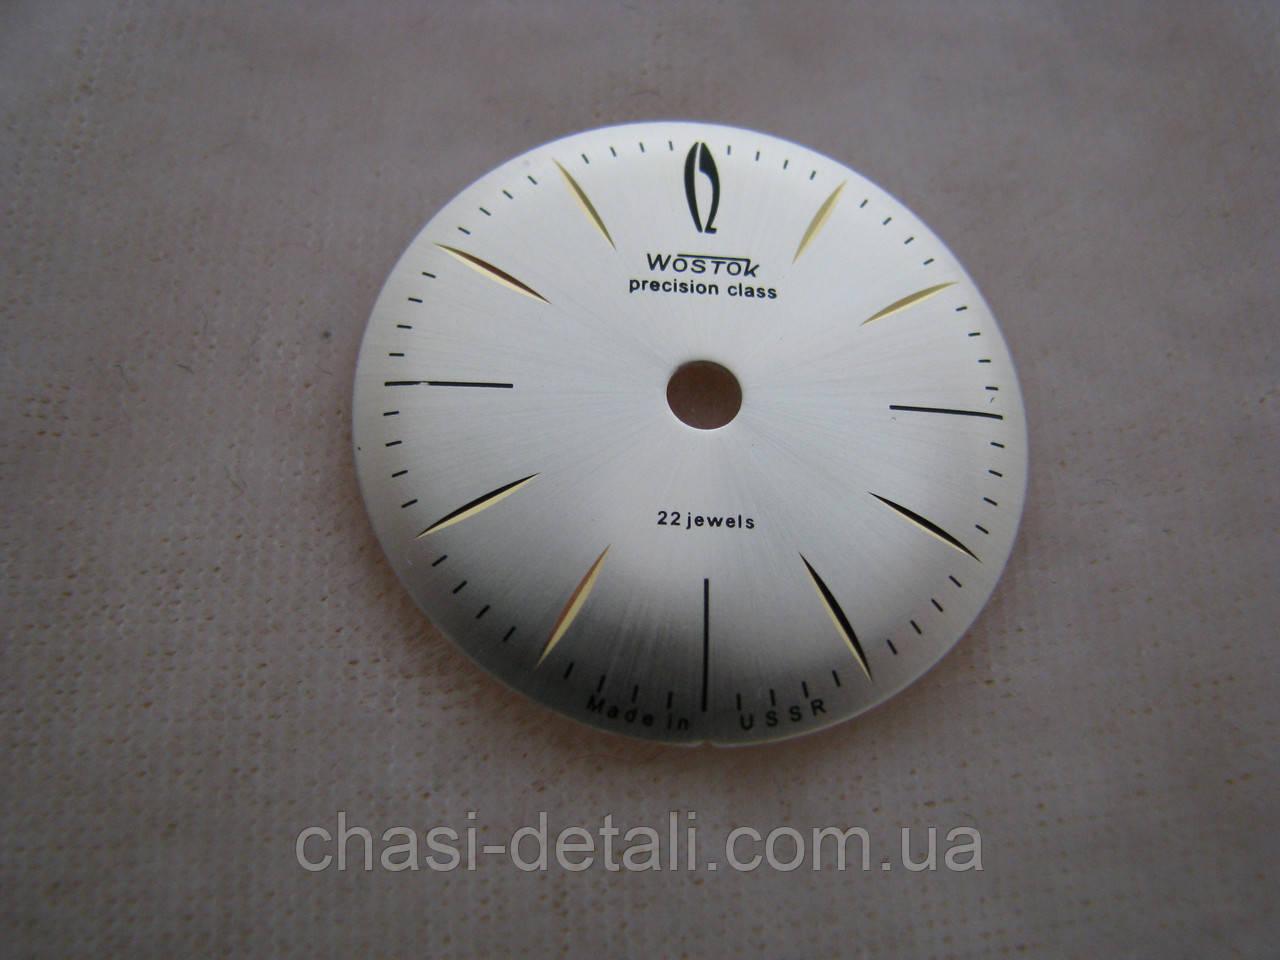 Циферблат для часов Восток прицезионный, Волна, Wostok. Часы Волна.